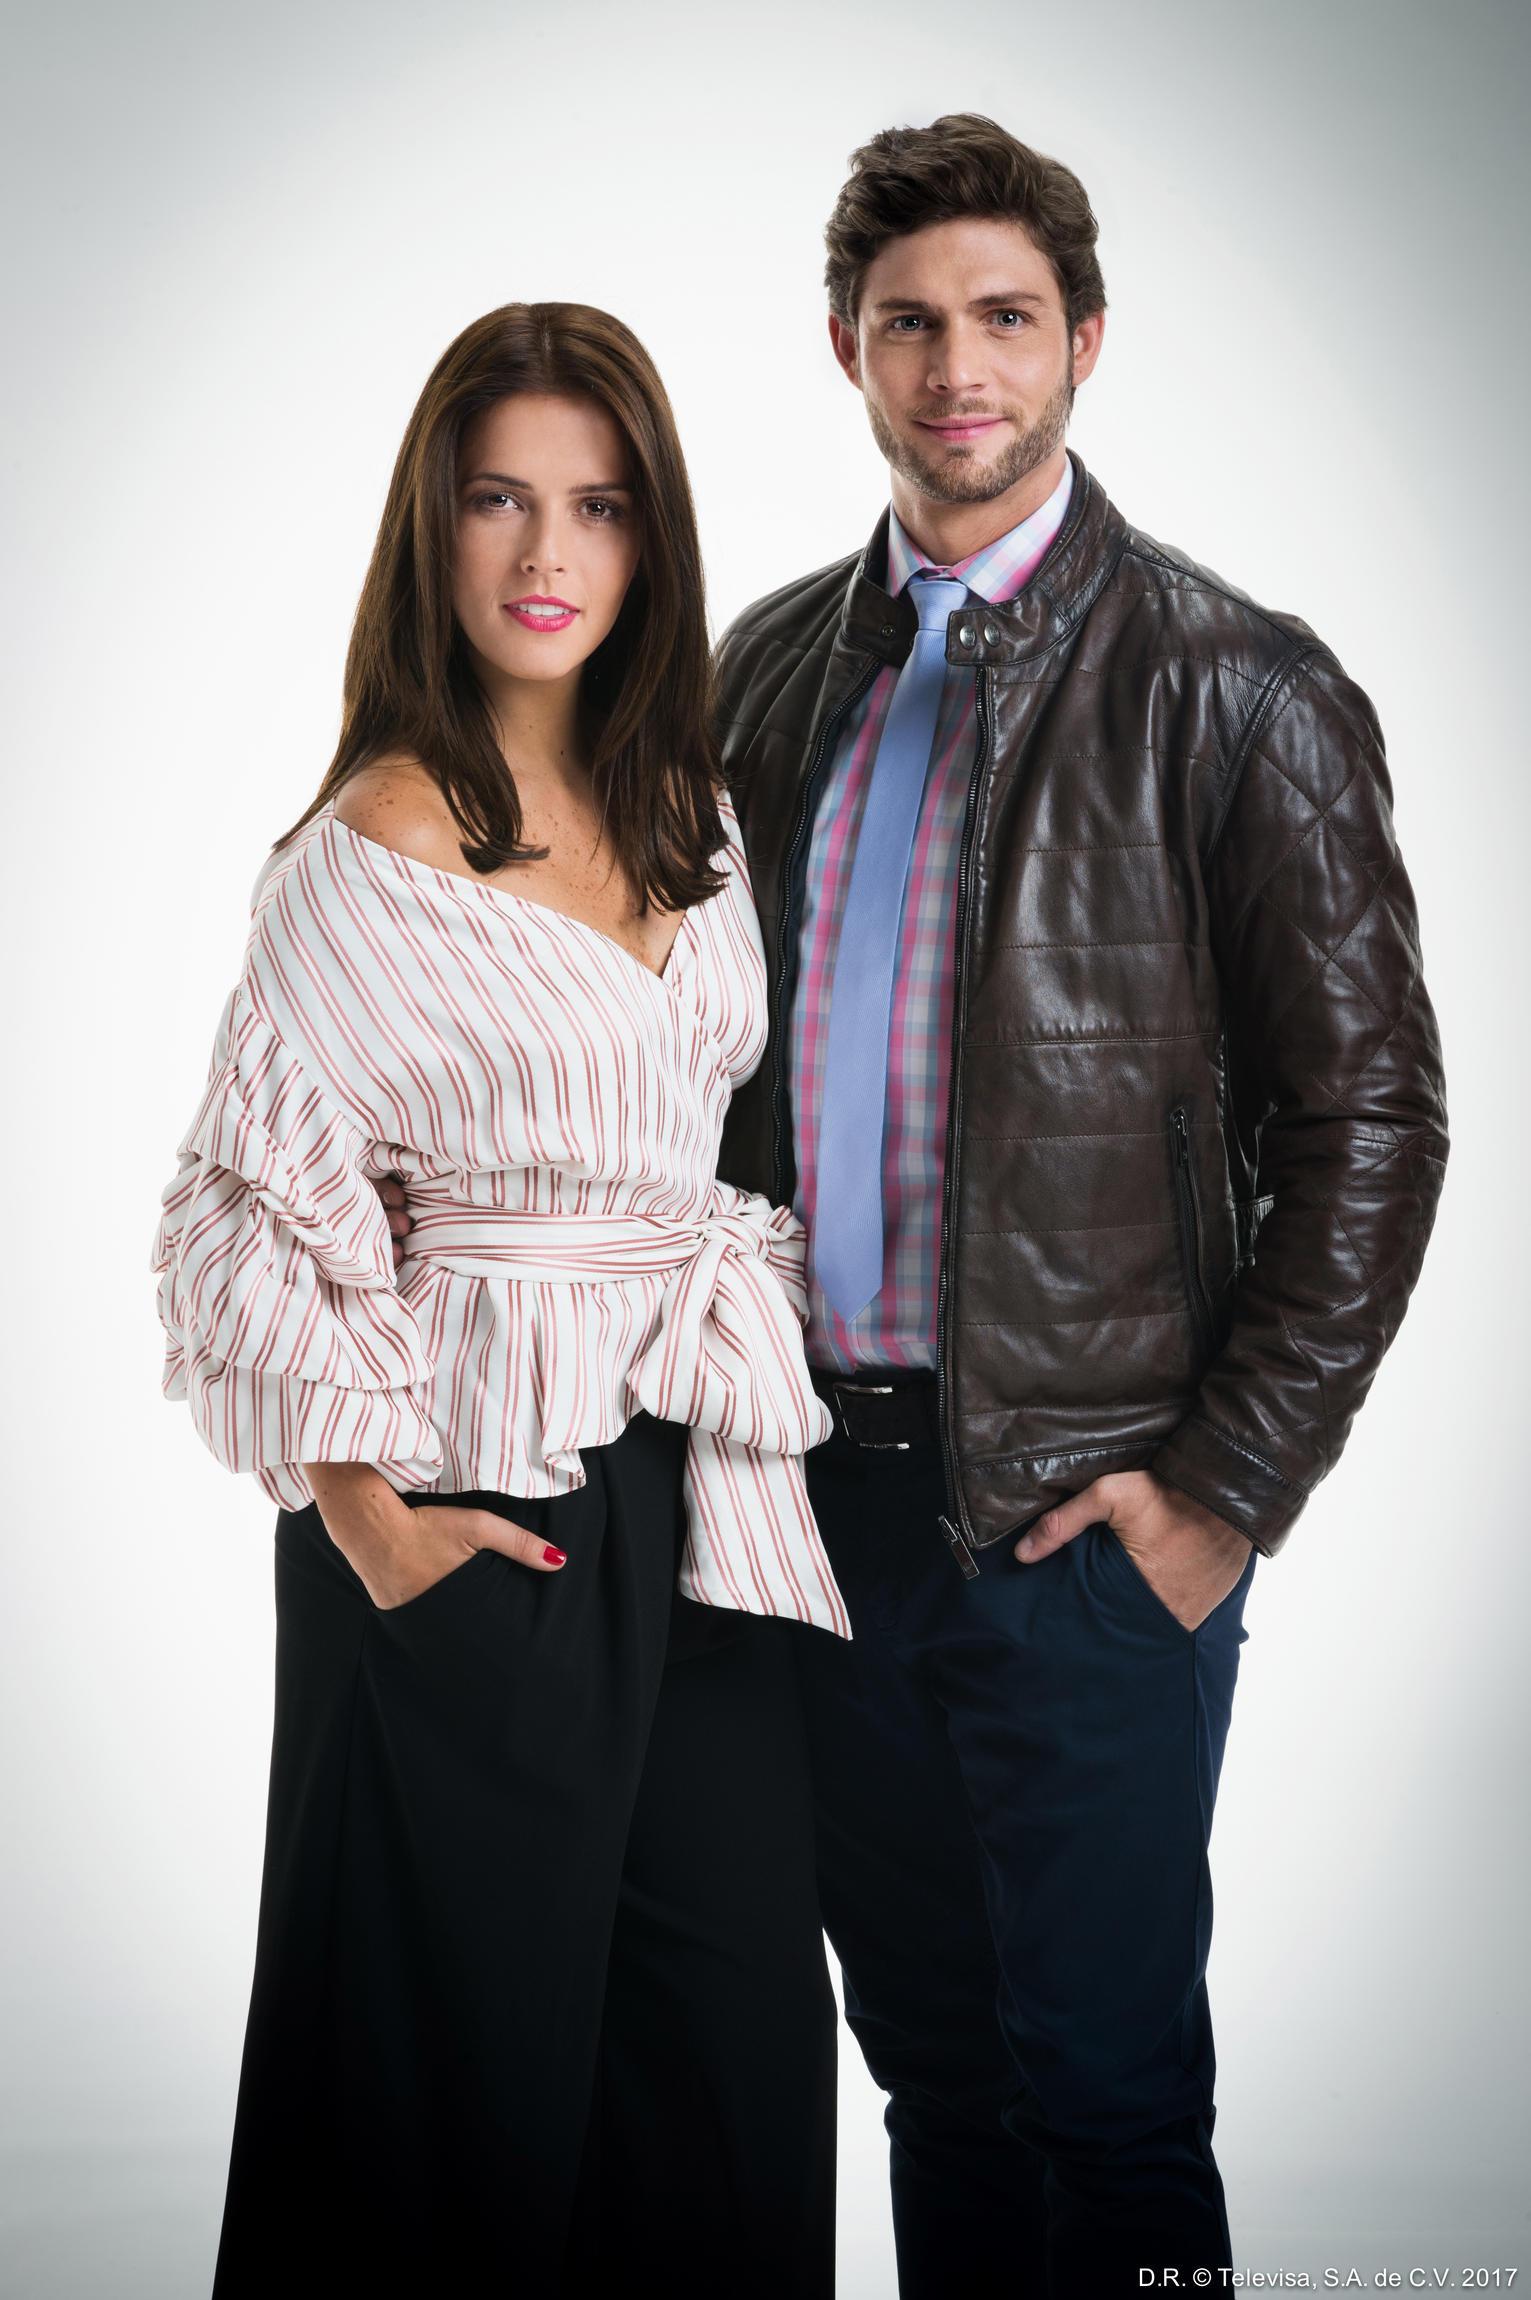 D.R © Televisa S.A de C.V